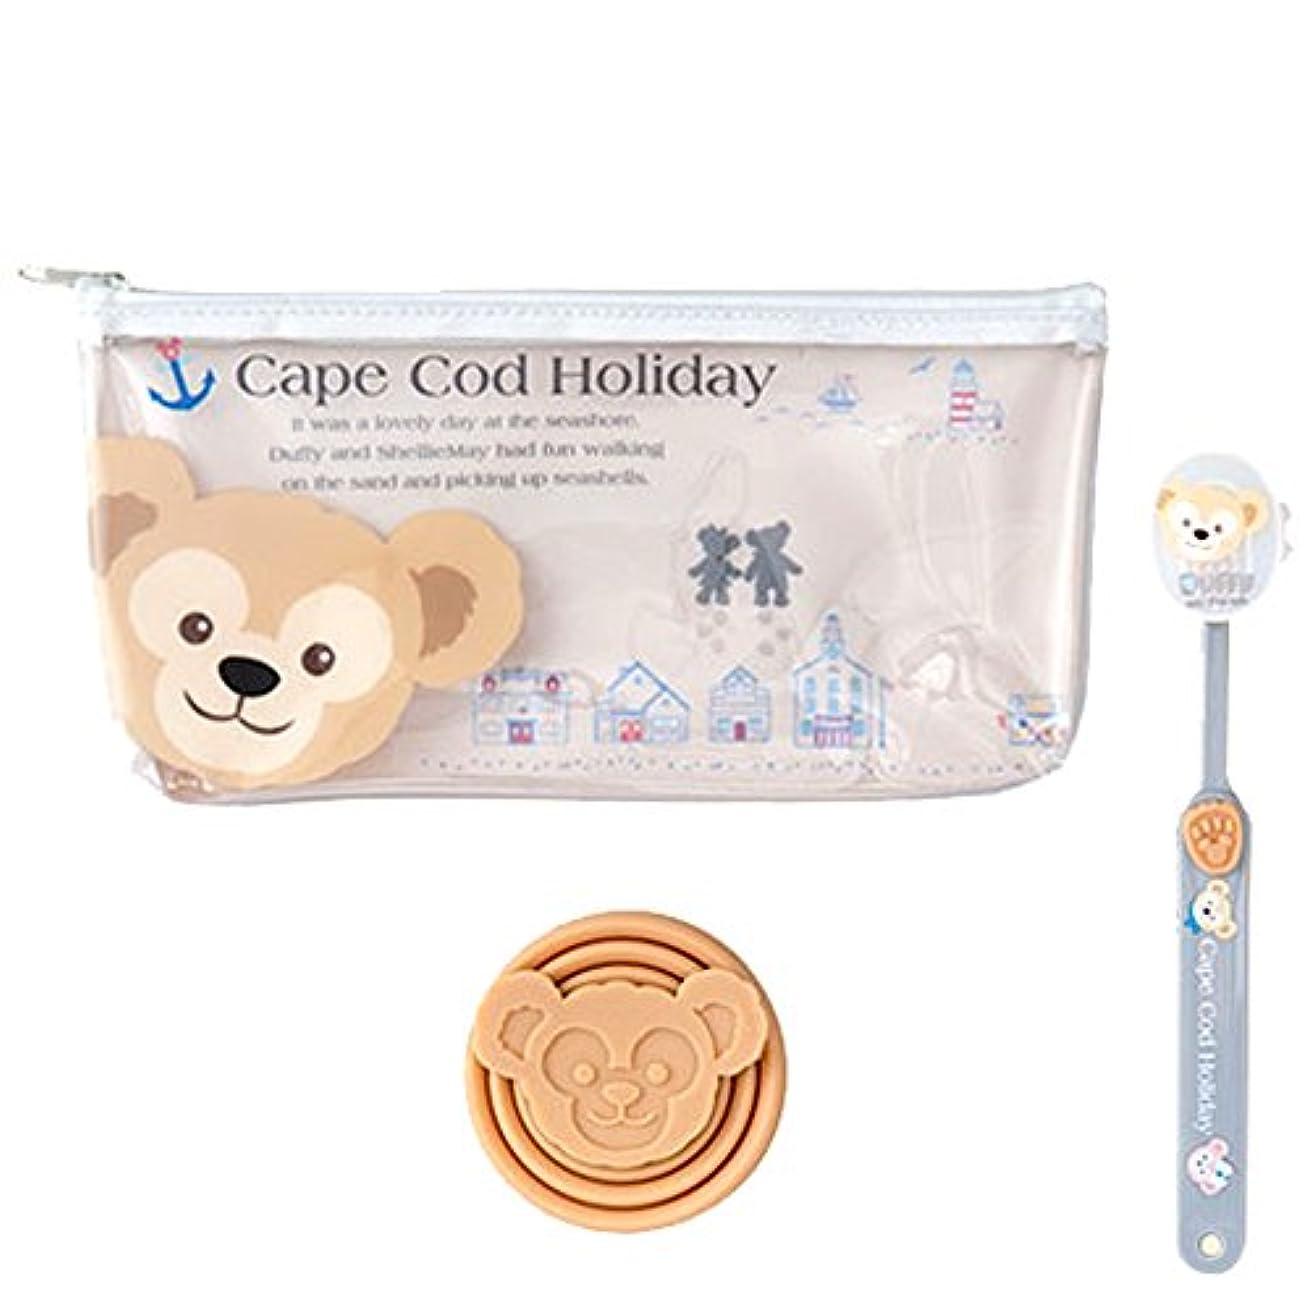 液化する確認してくださいショットダッフィー ケープコッドの休日 ケープコッドホリデー グッズ 歯ブラシ コップ 付 (ダッフィー) トラベル 携帯 用 歯ブラシ セット ディズニー シー限定